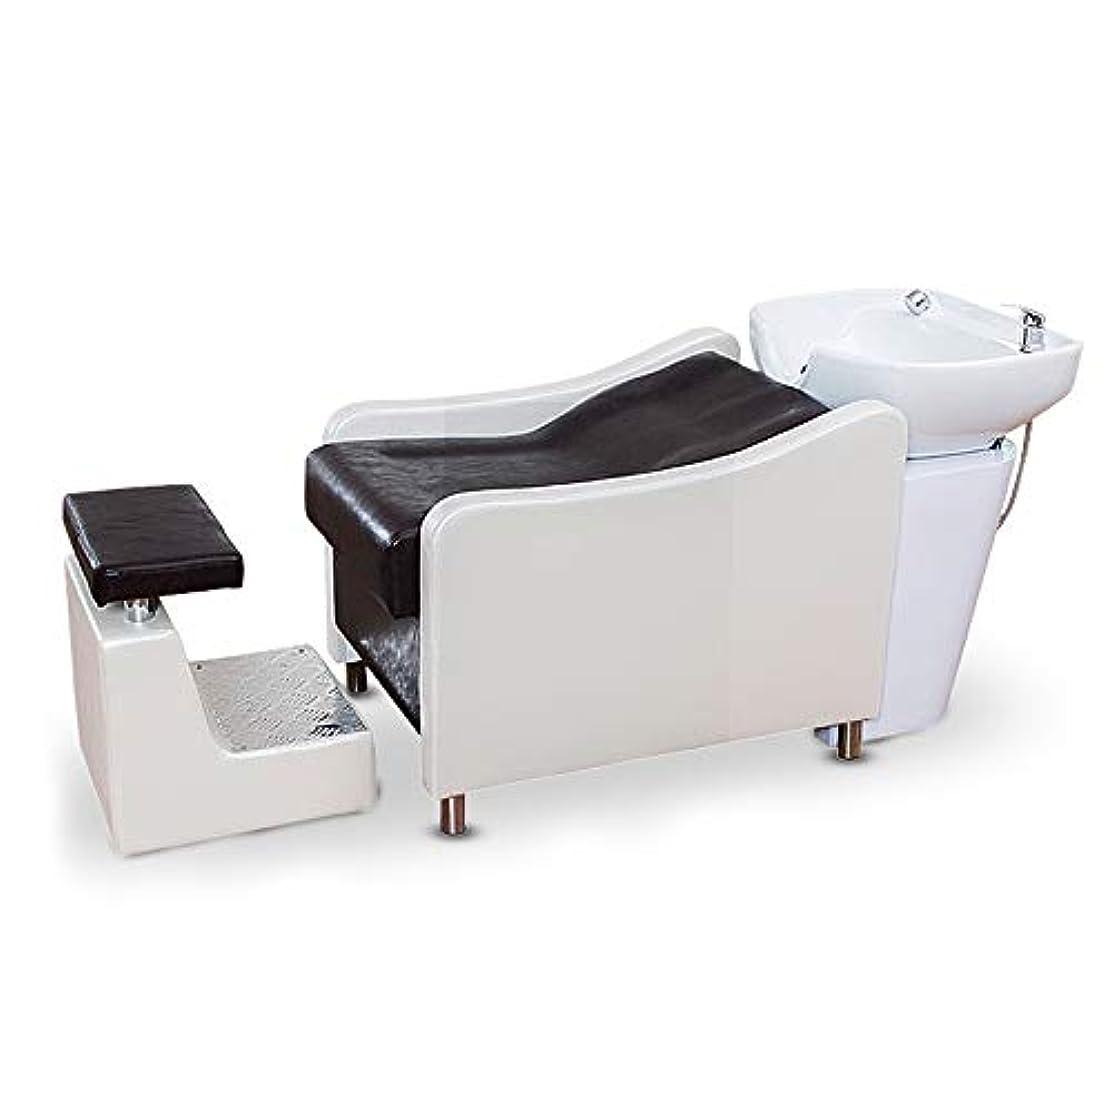 虚栄心姿勢肌寒いシャンプーチェア、洗顔ユニットシャンプーボウル理髪シンクチェア、スパエステサロン設備(ホワイト)